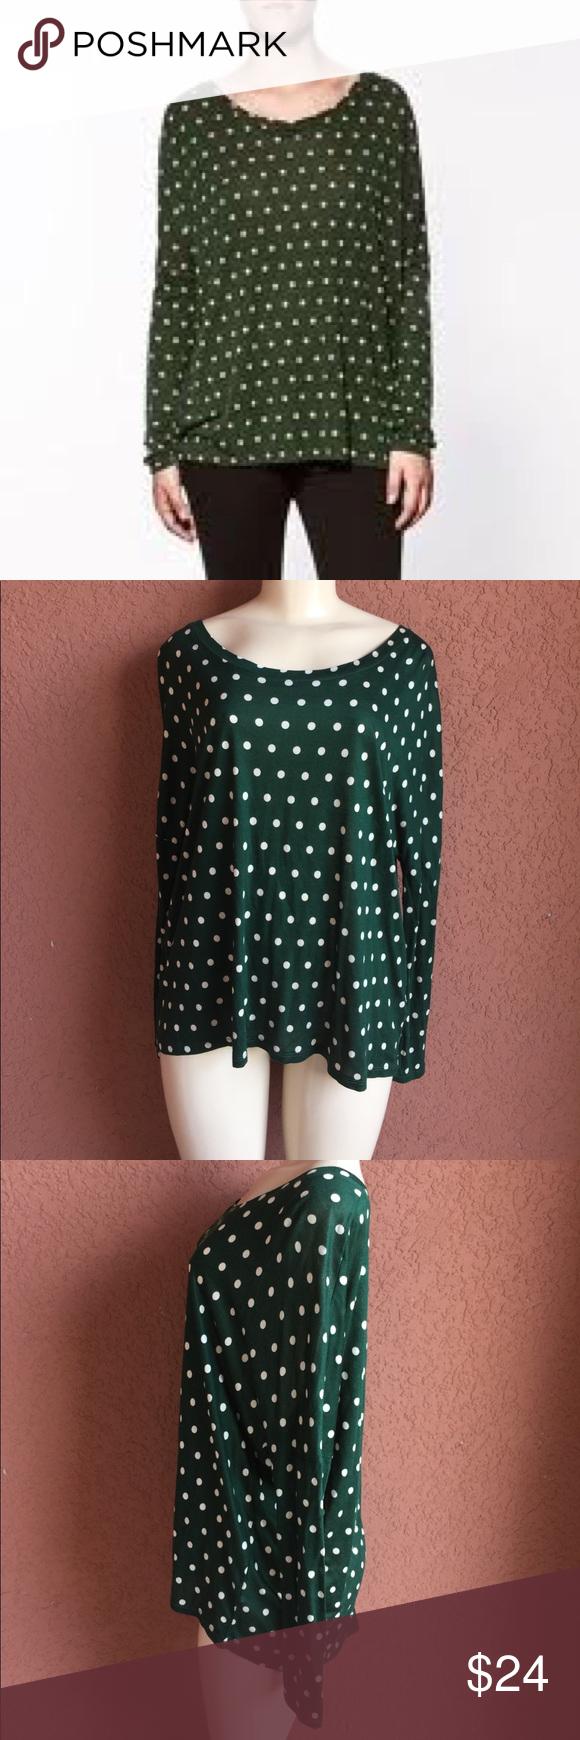 Zara Bayan Bluz Top 5584 254 098 Rn 77302 Zara Bayan Bluz Top Green Polka Dot Shirt With A Zipper On Back The Zipper Doe Zara Tops Polka Dot Shirt Fashion